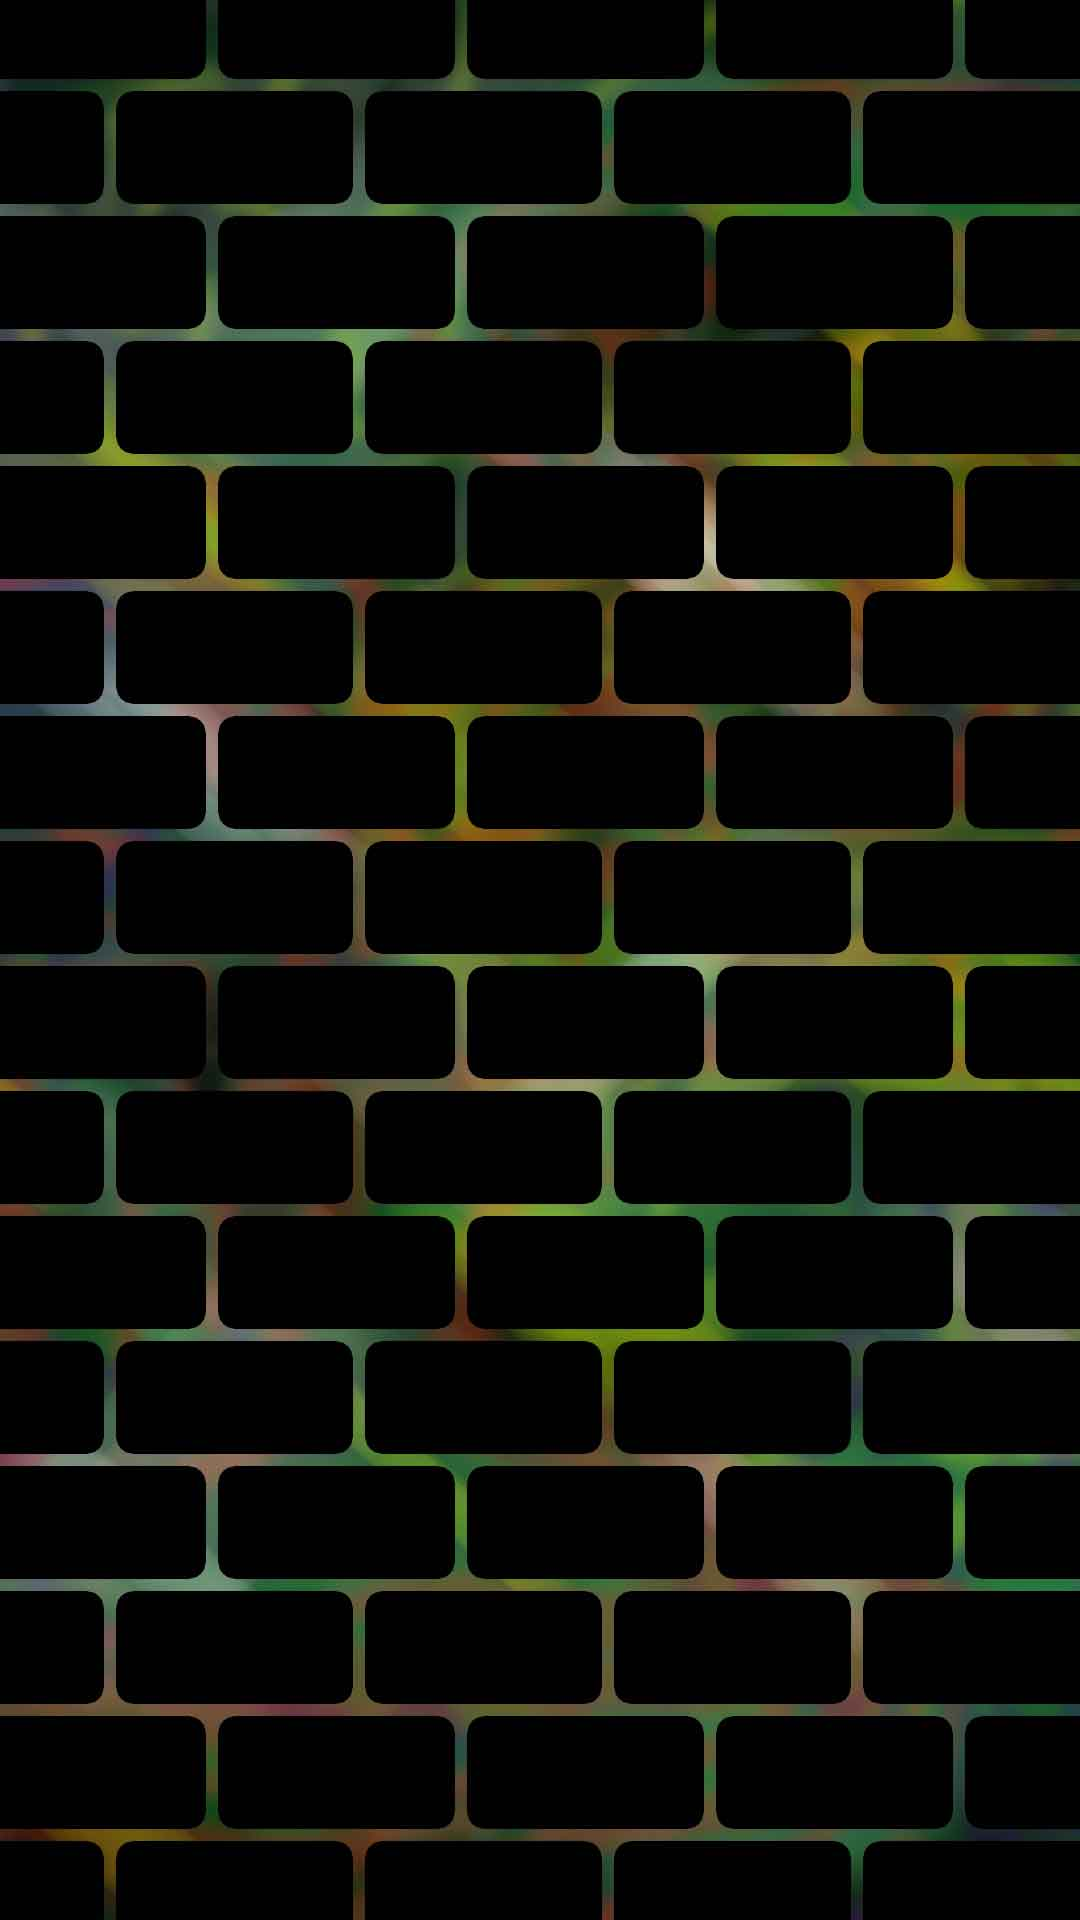 black wallpaper texture